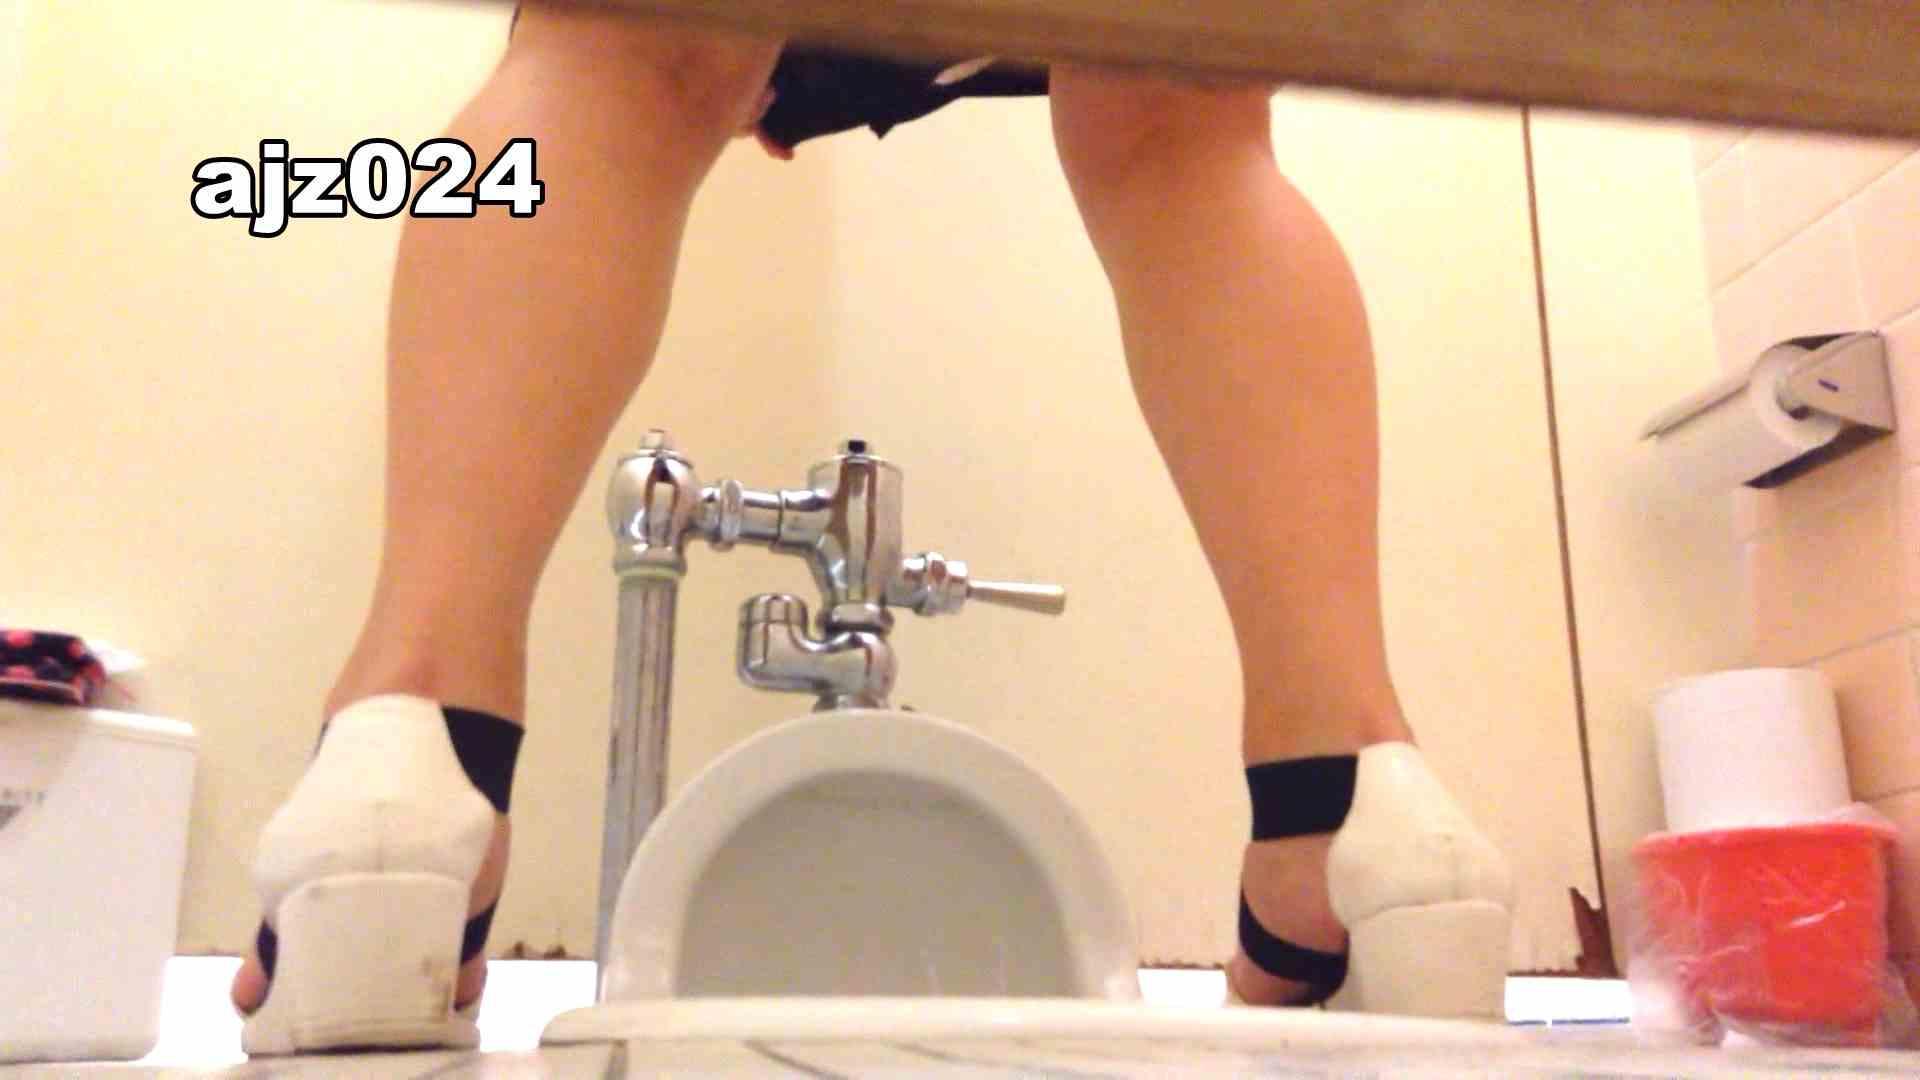 某有名大学女性洗面所 vol.24 OLセックス | 洗面所  59画像 1